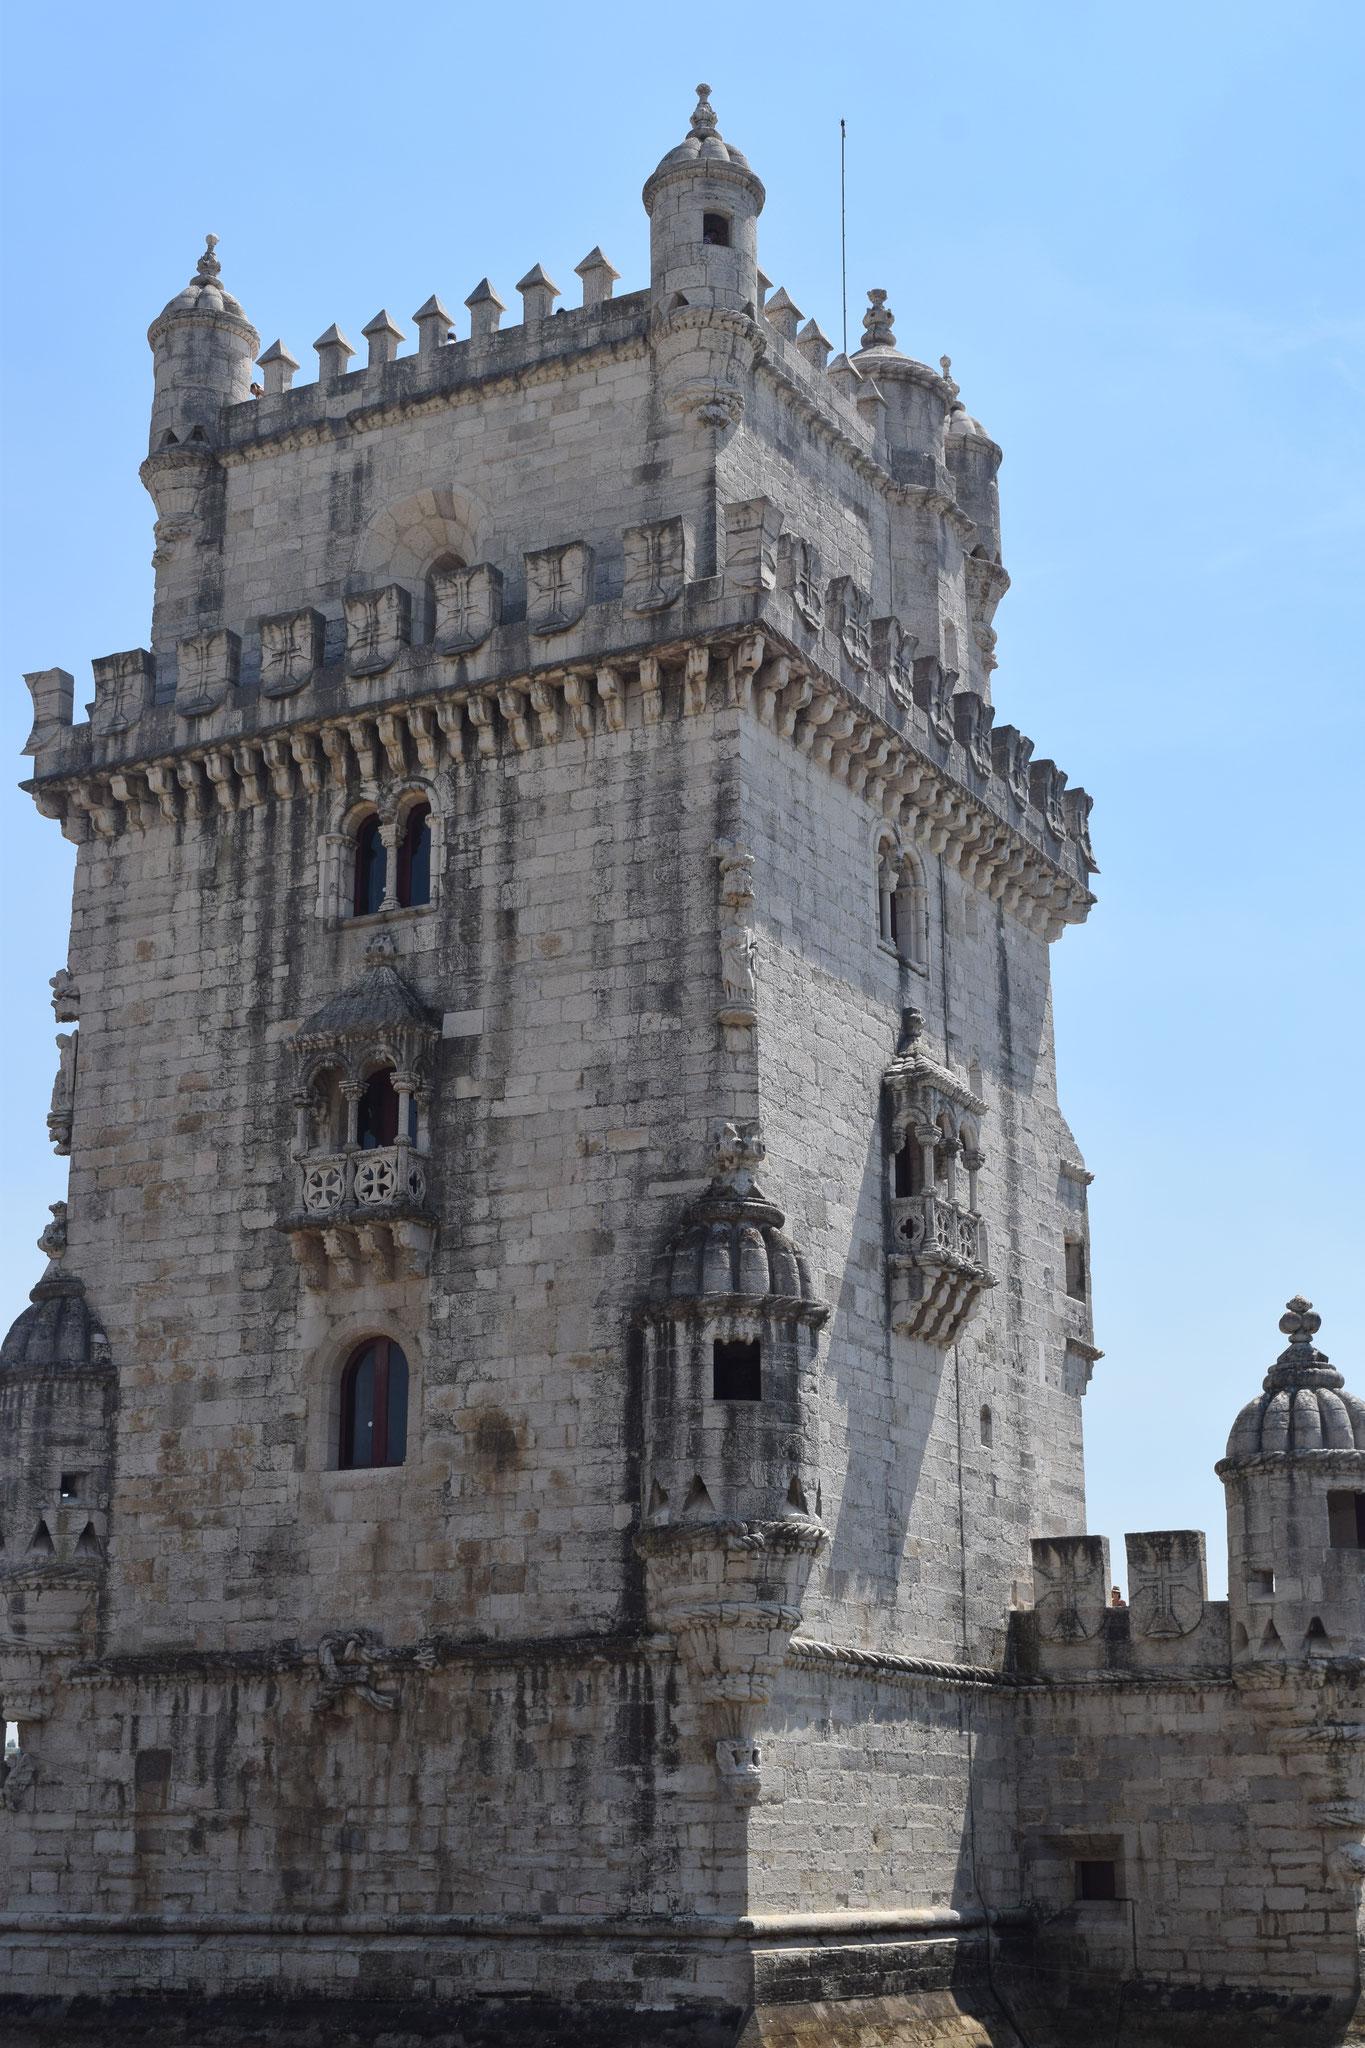 Meine Reiseempfehlungen für Lissabon in Portugal, wie das Torre de Belem.